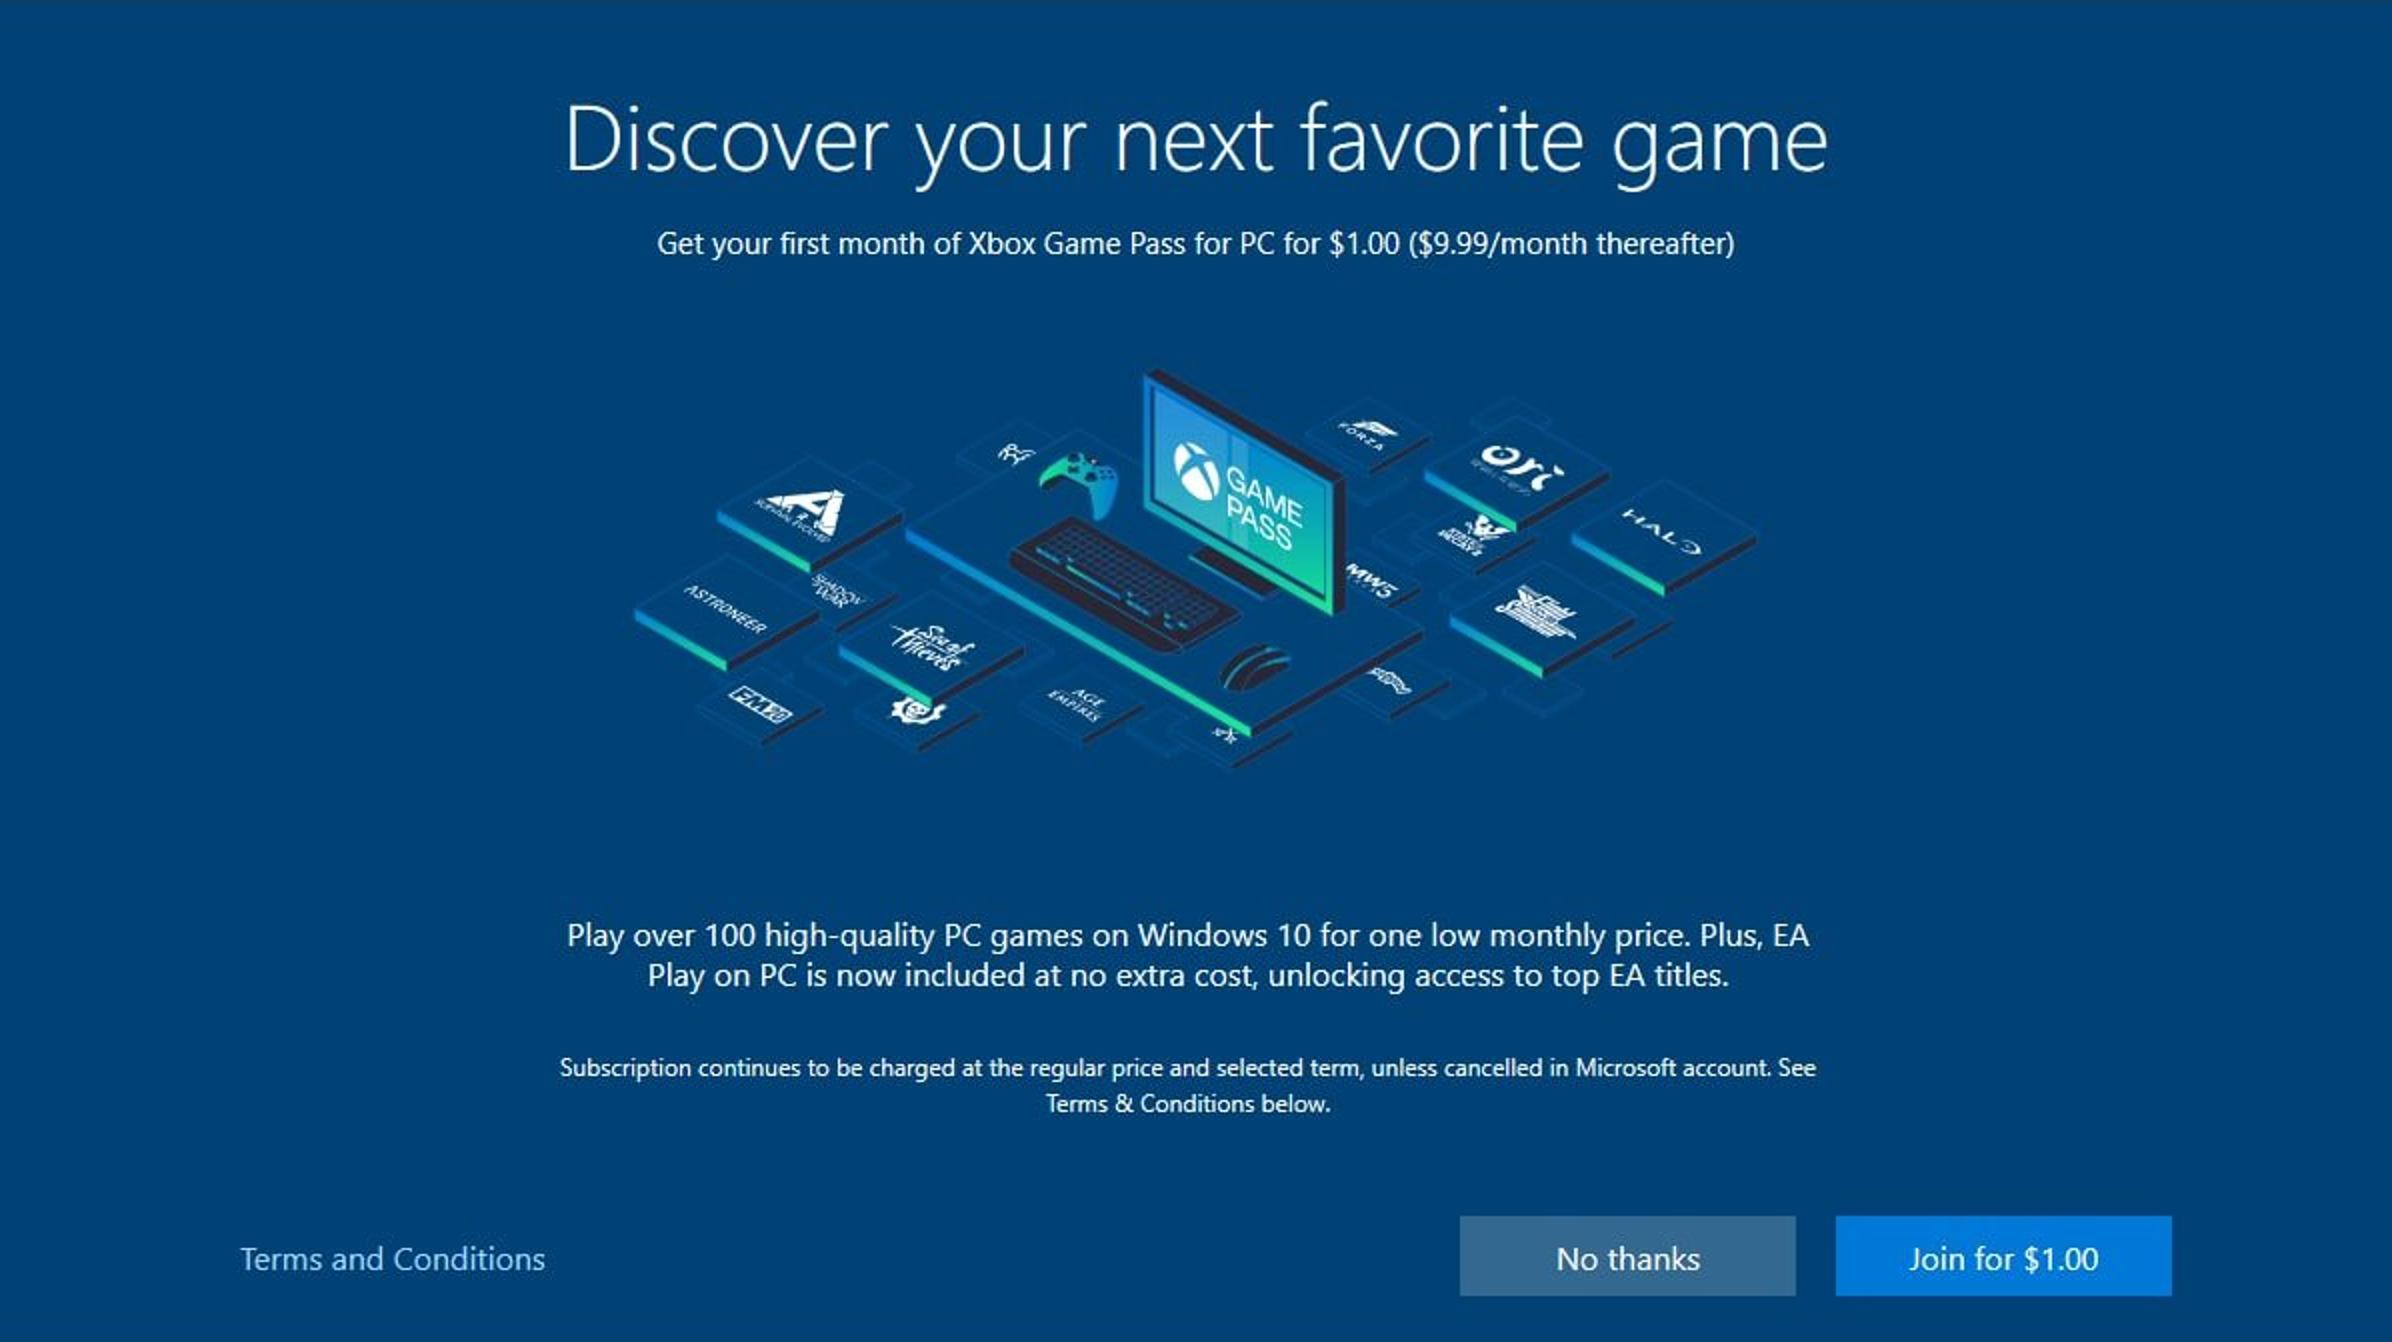 El proceso de configuración de Windows 10 obtiene anuncios para Xbox Game Pass